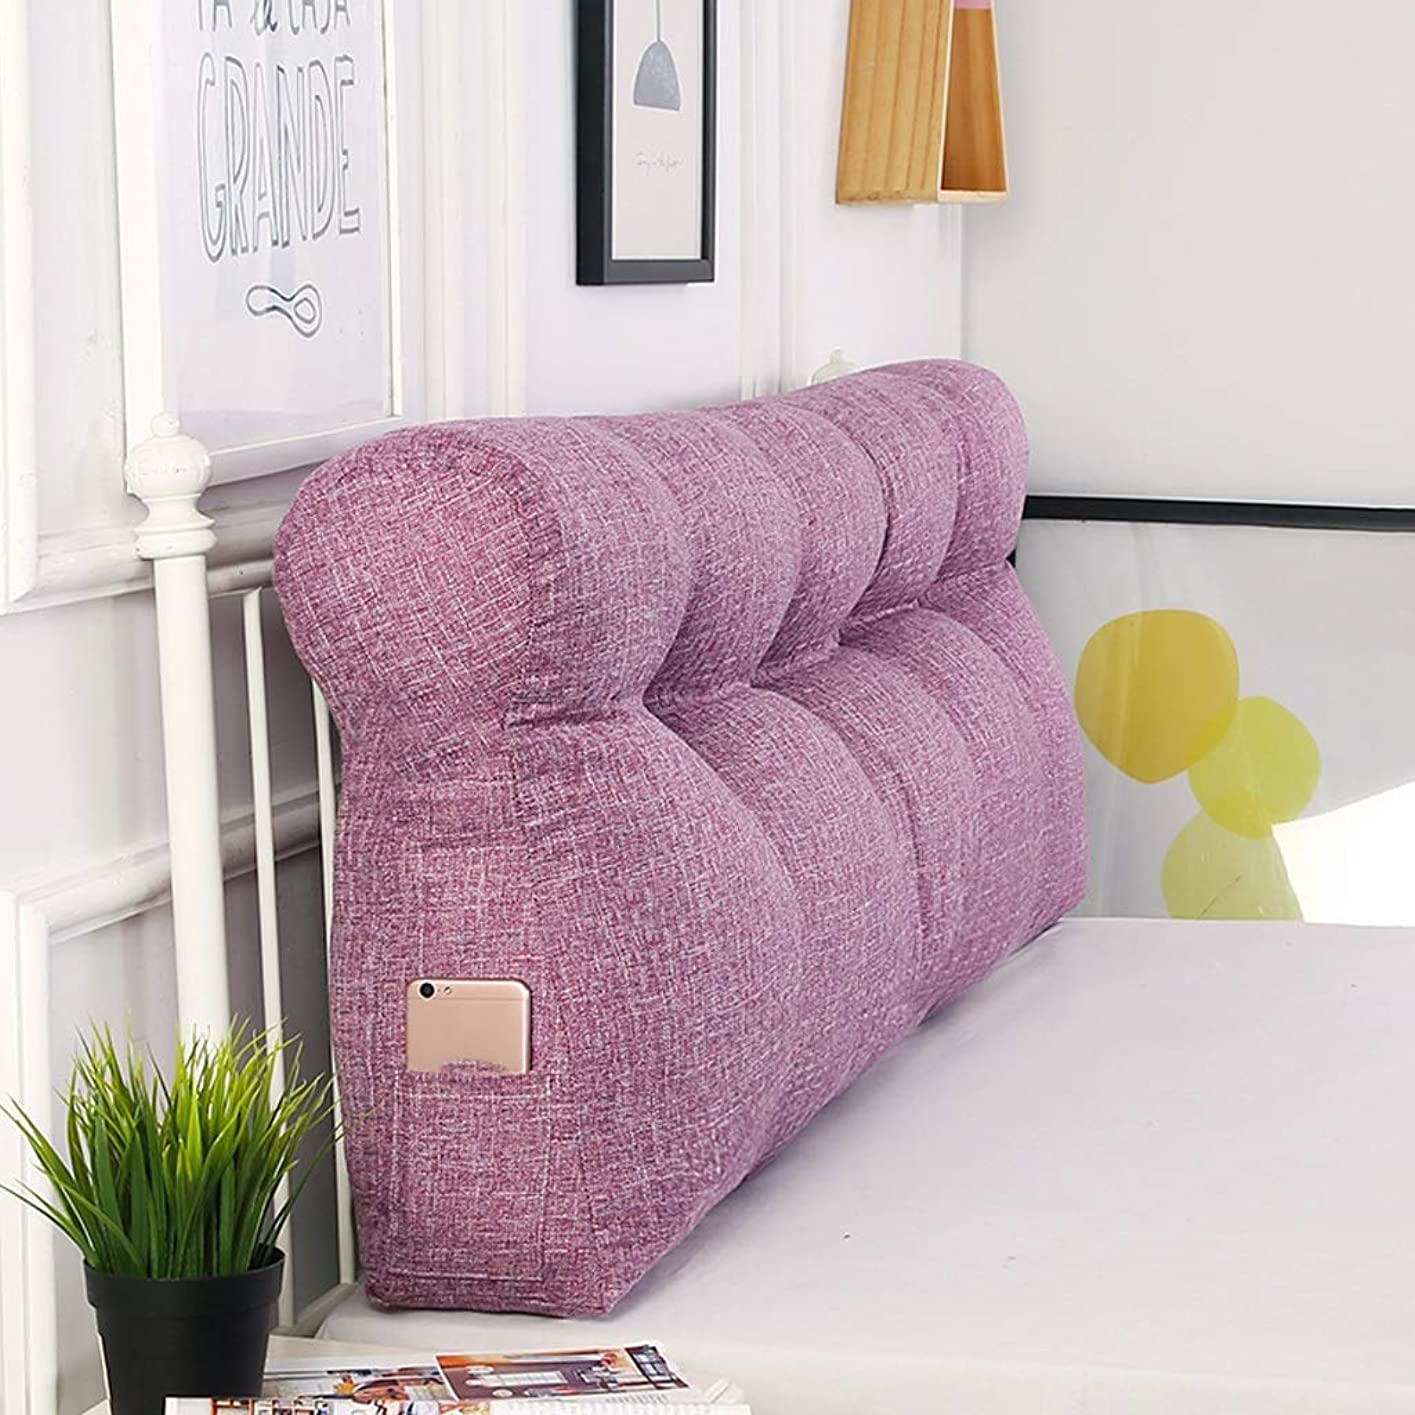 丘地雷原椅子GY ダブルソフトバッククッション ベッドサイドソファー枕、 サポート ホームオフィス 腰と安静を読む 屋内 - 屋外 多機能 洗える 5色、4サイズ (色 : 紫の, サイズ さいず : 180cm)